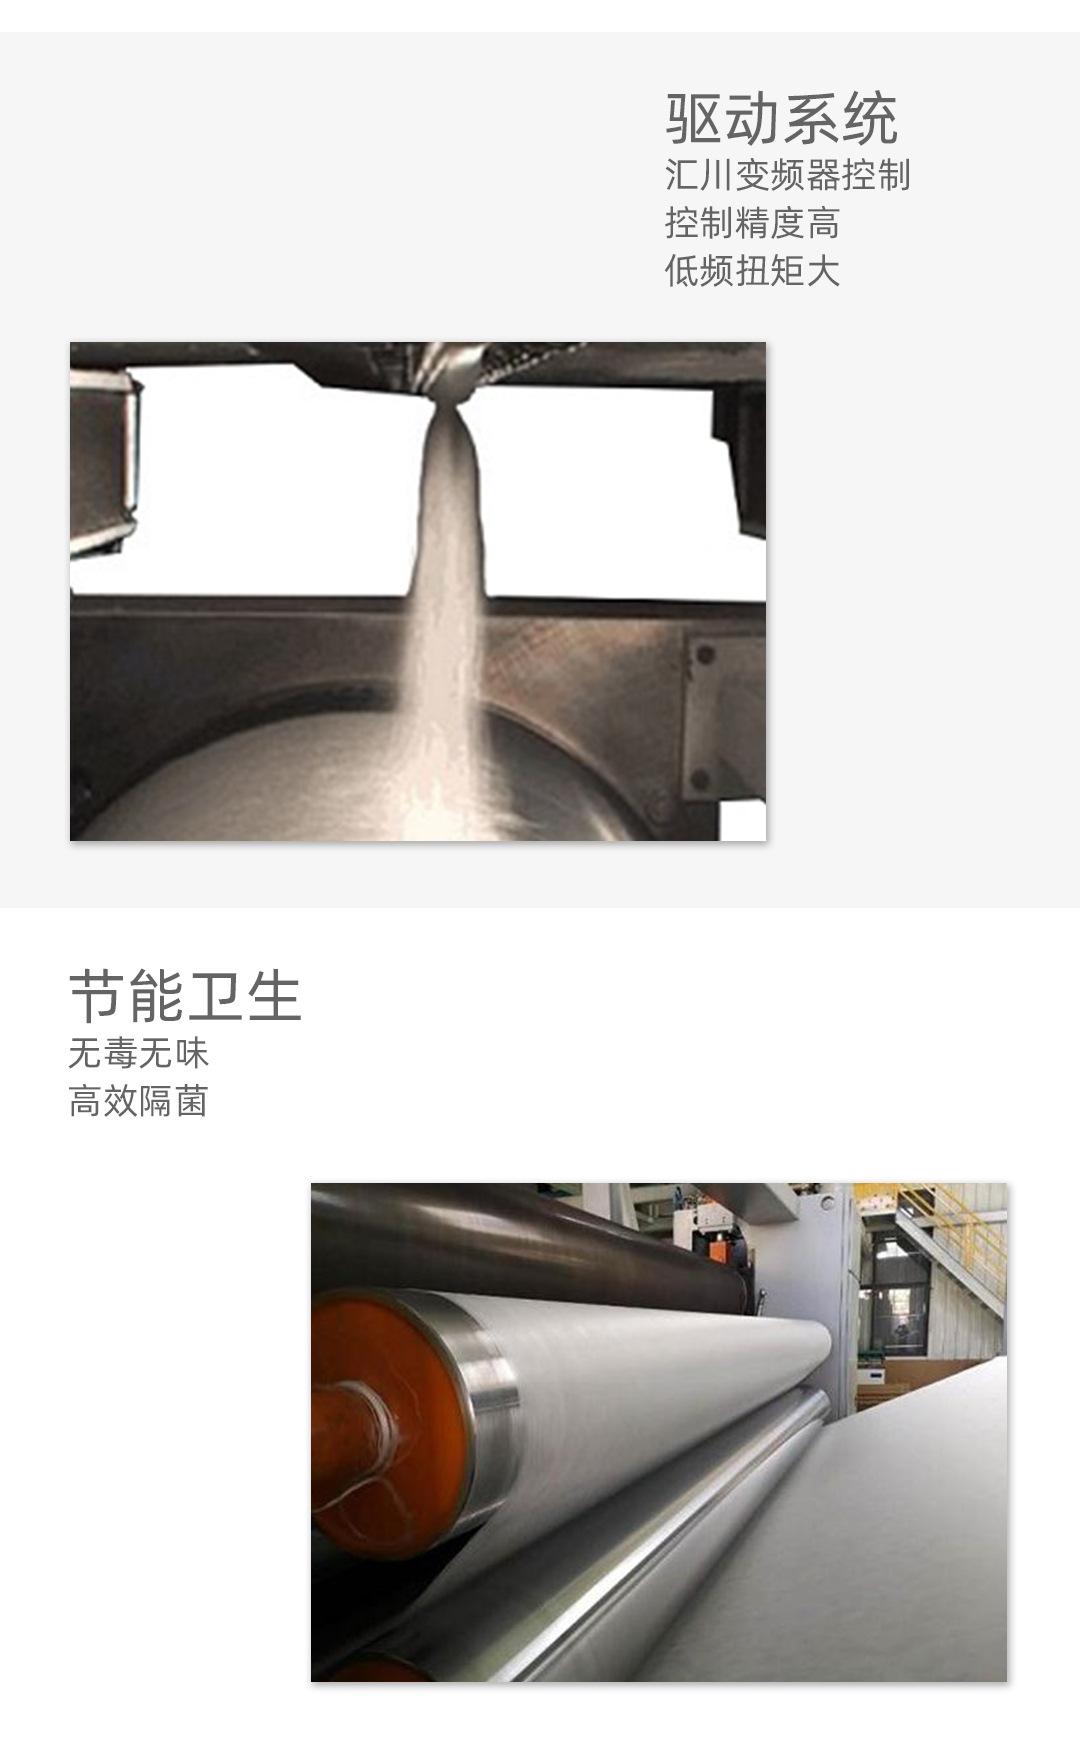 口罩机器_熔喷布设备设备熔喷布生产线熔喷布口罩机器熔喷布